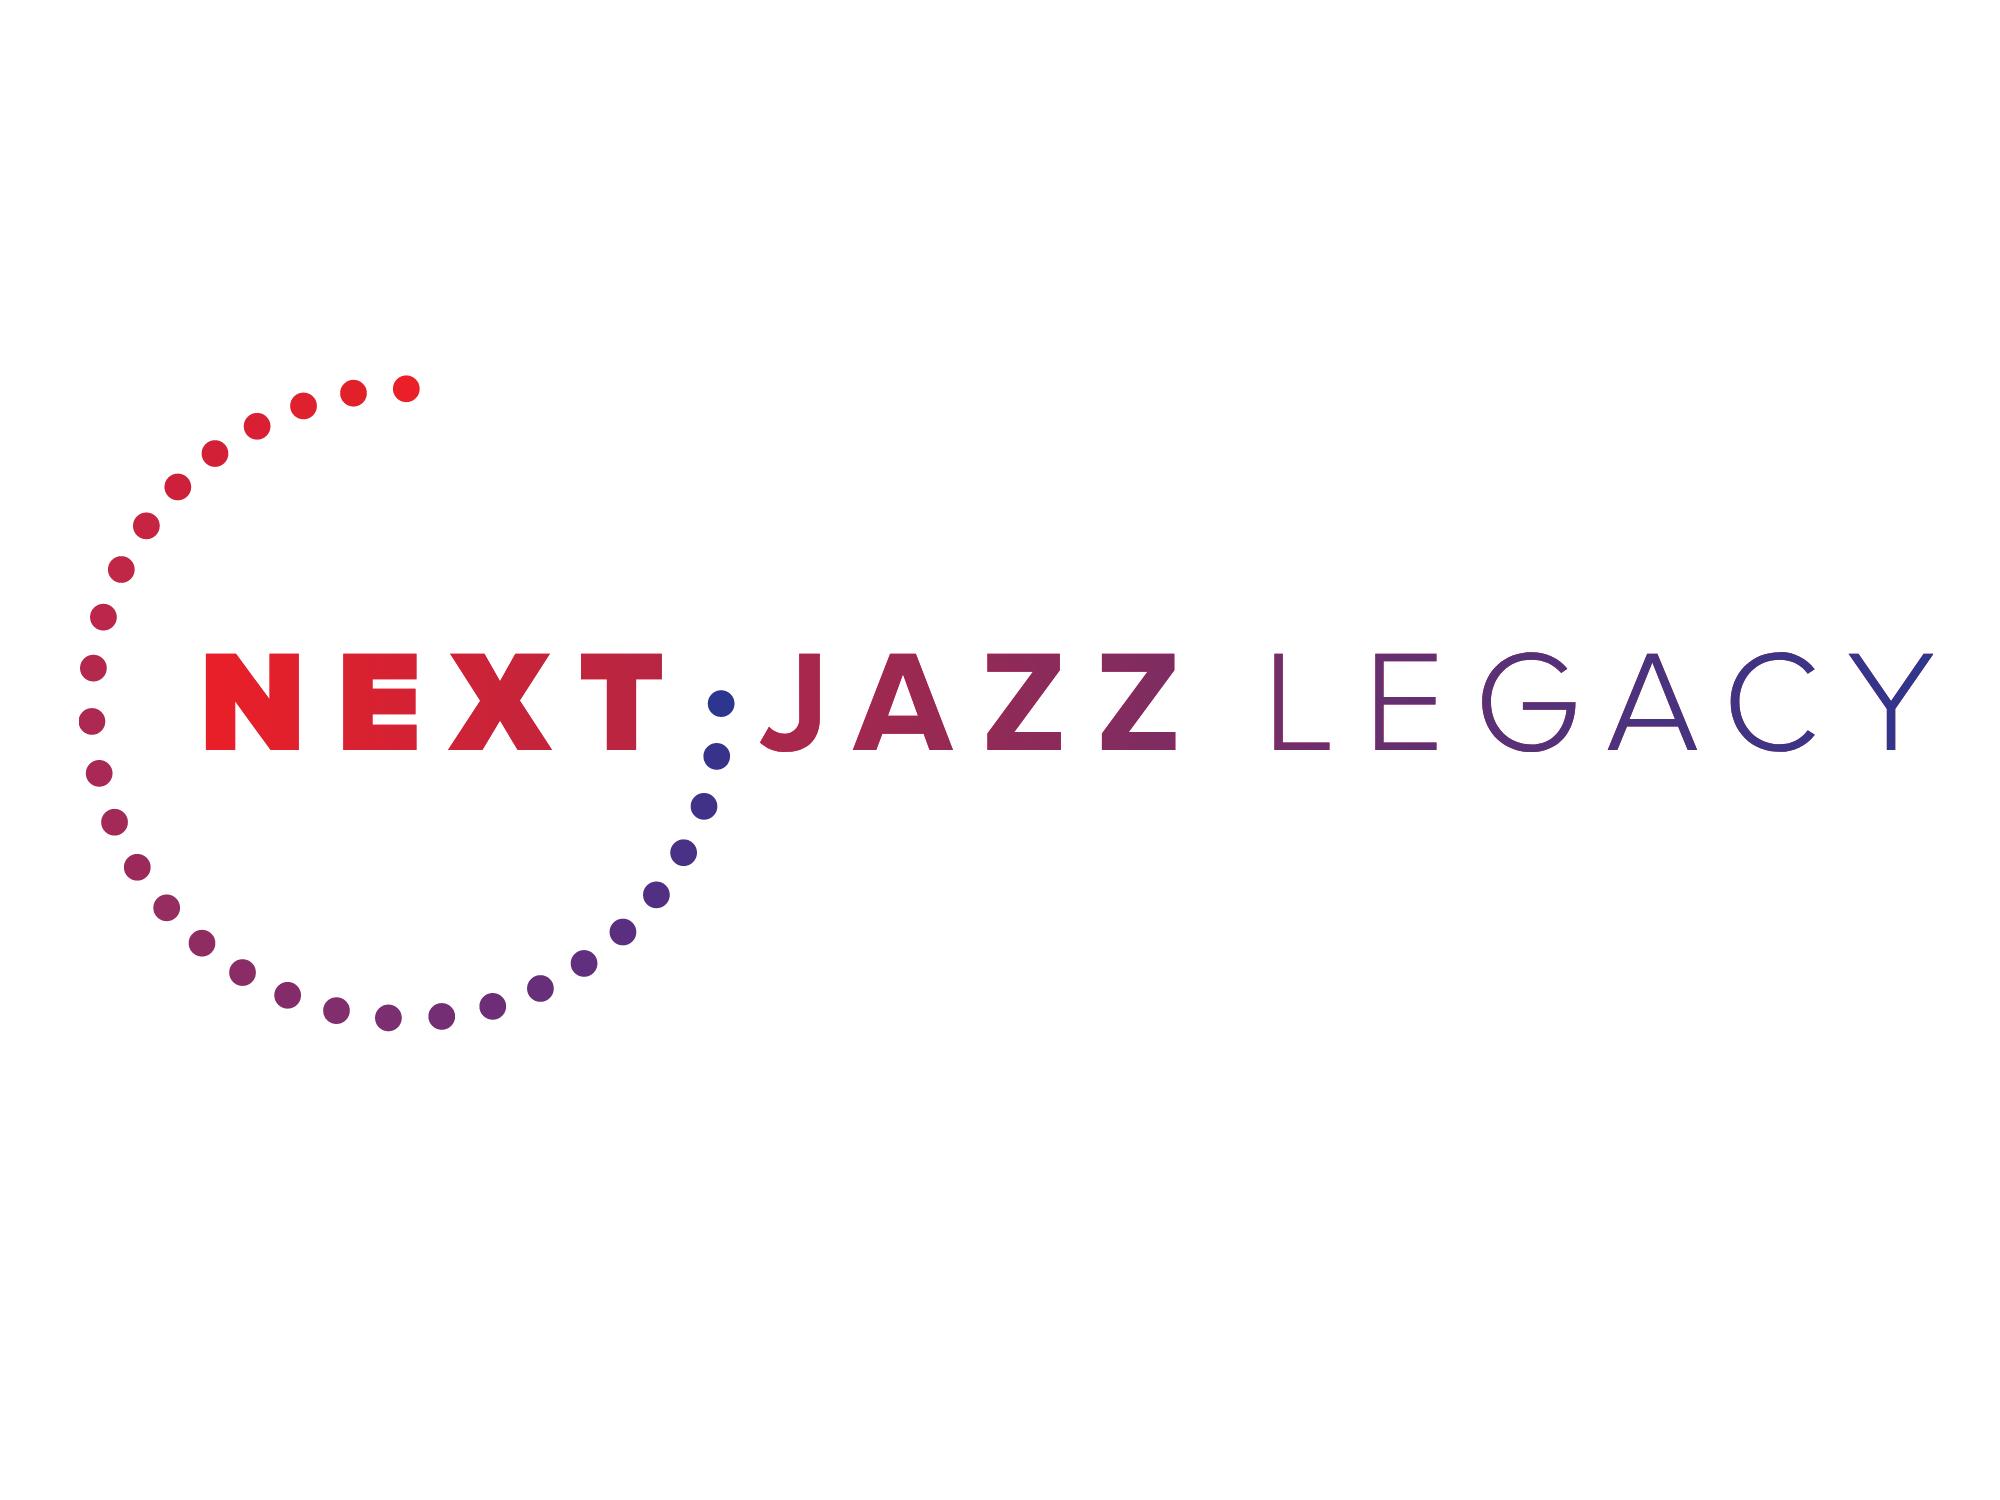 Next Jazz Legacy